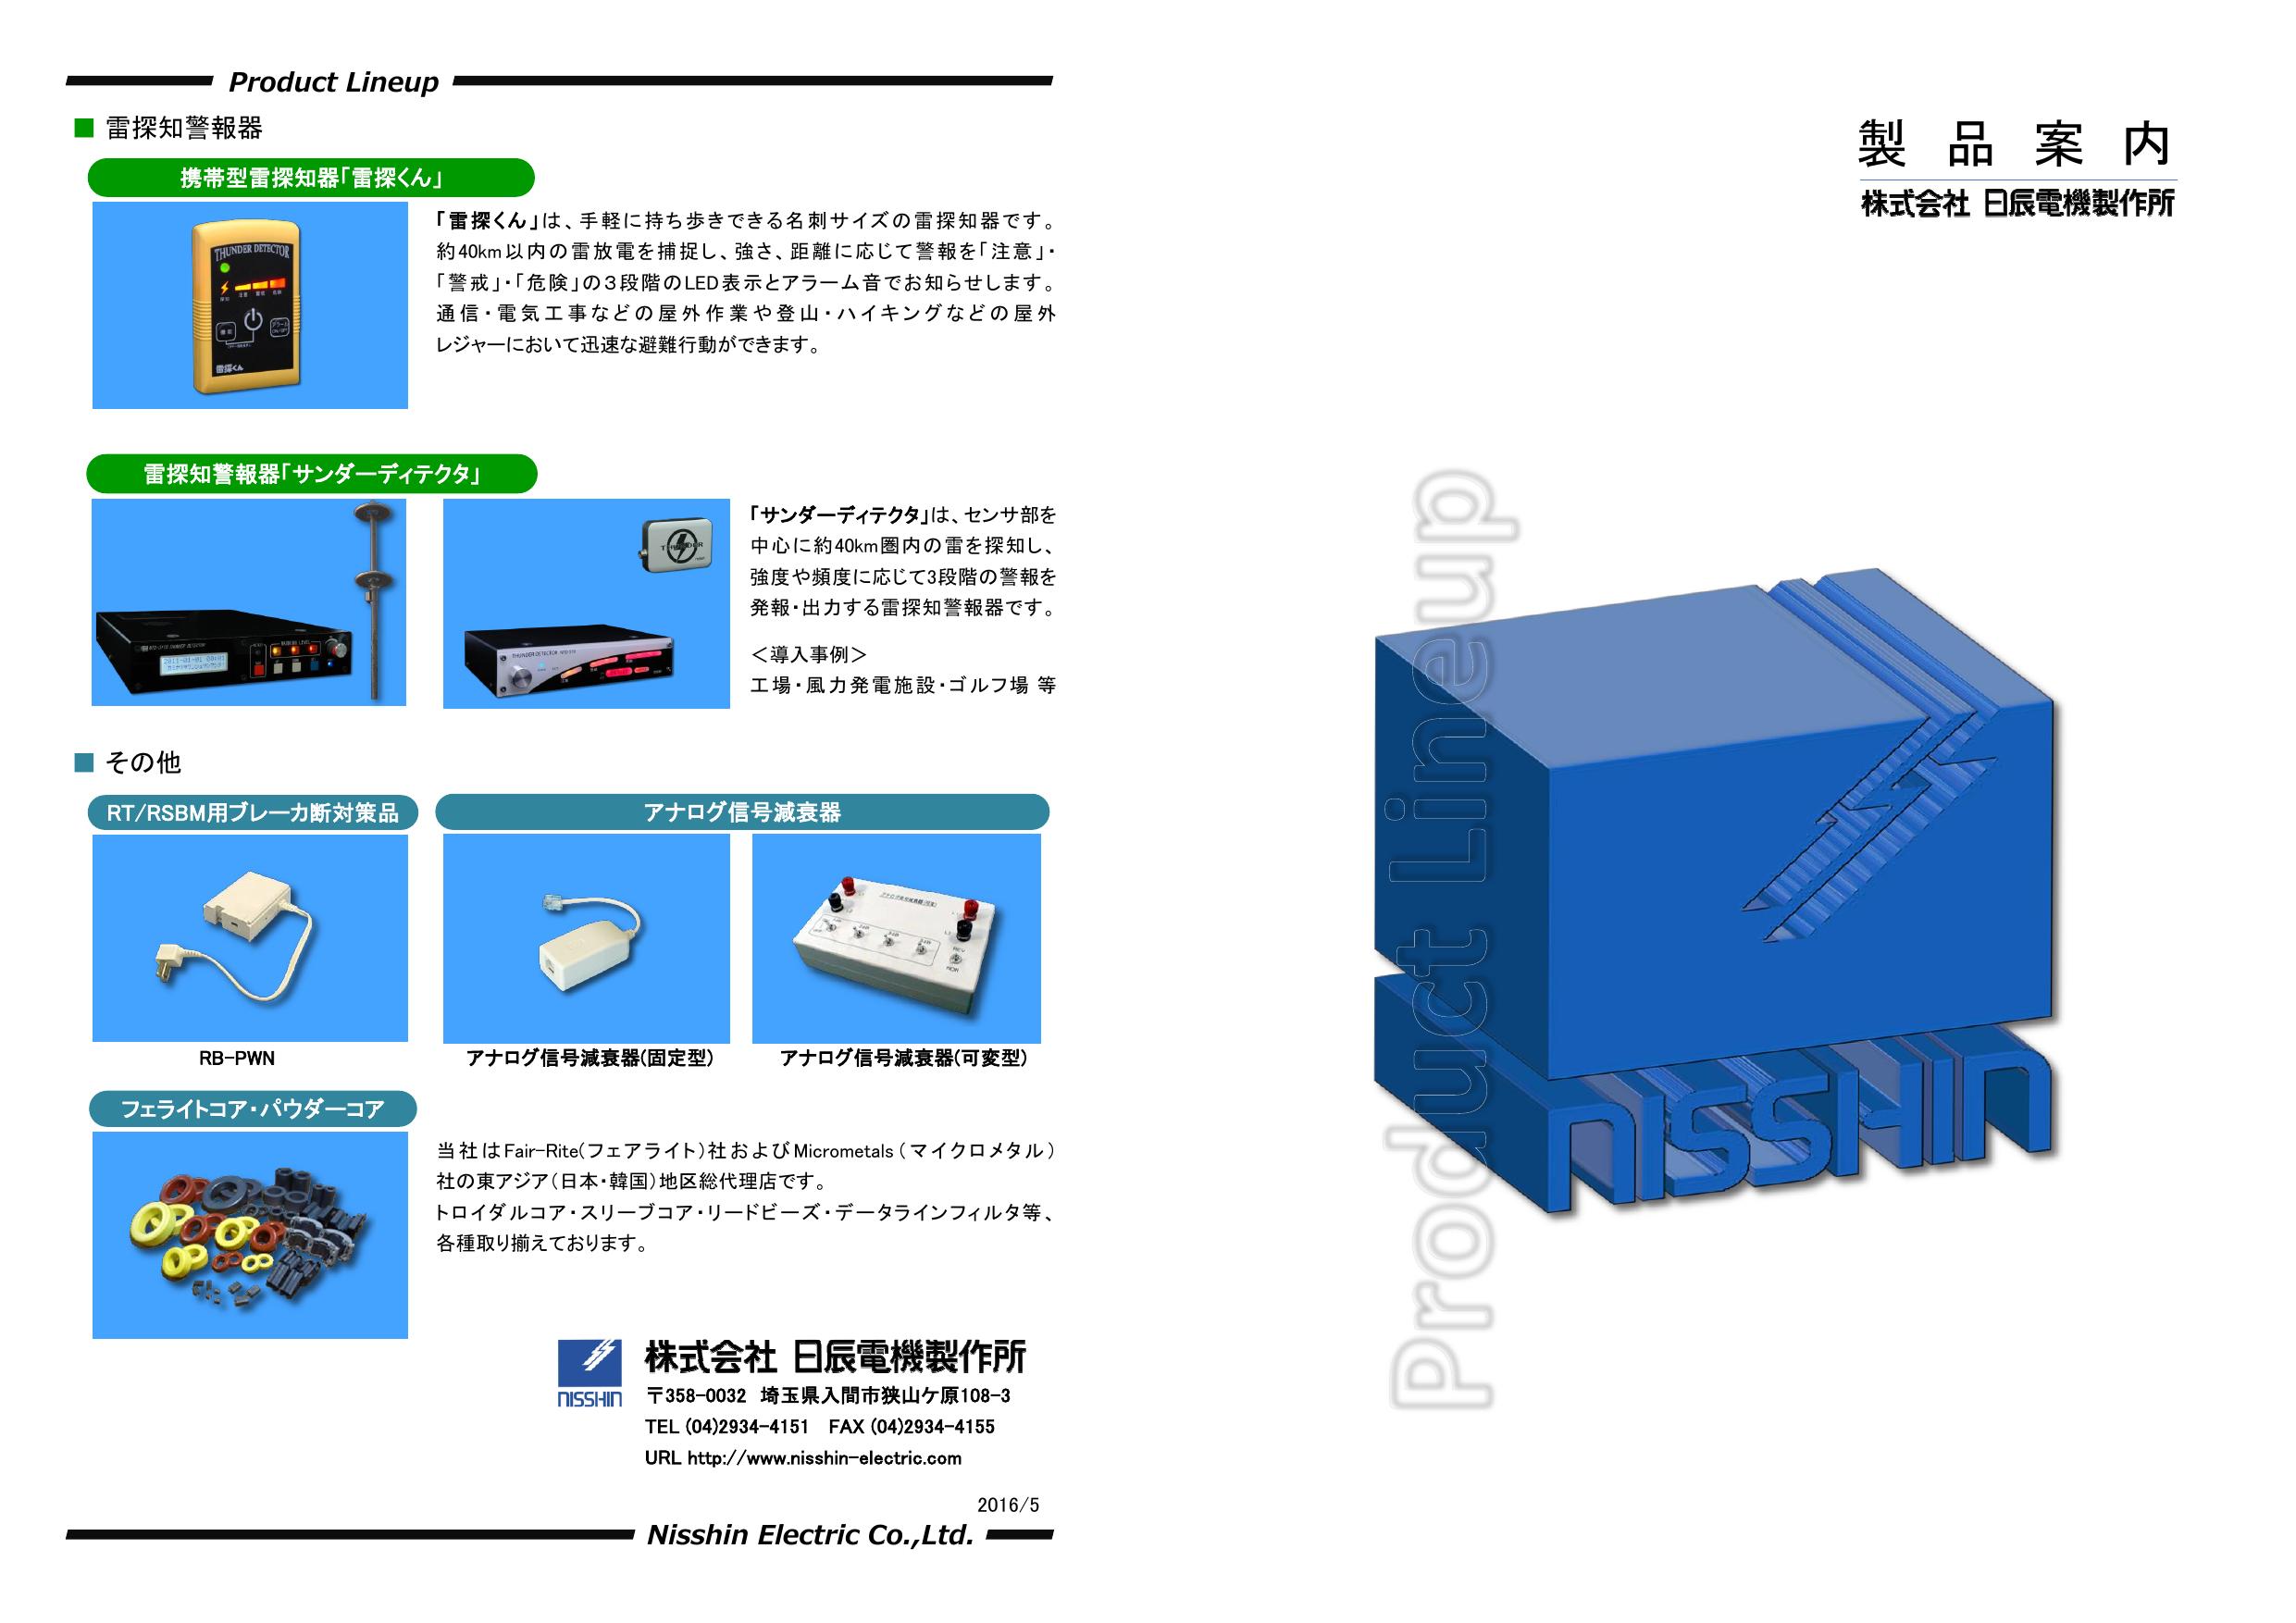 雷防護部品+雷探知警報器+ノイズ関連製品 日辰電機製作所 総合カタログ